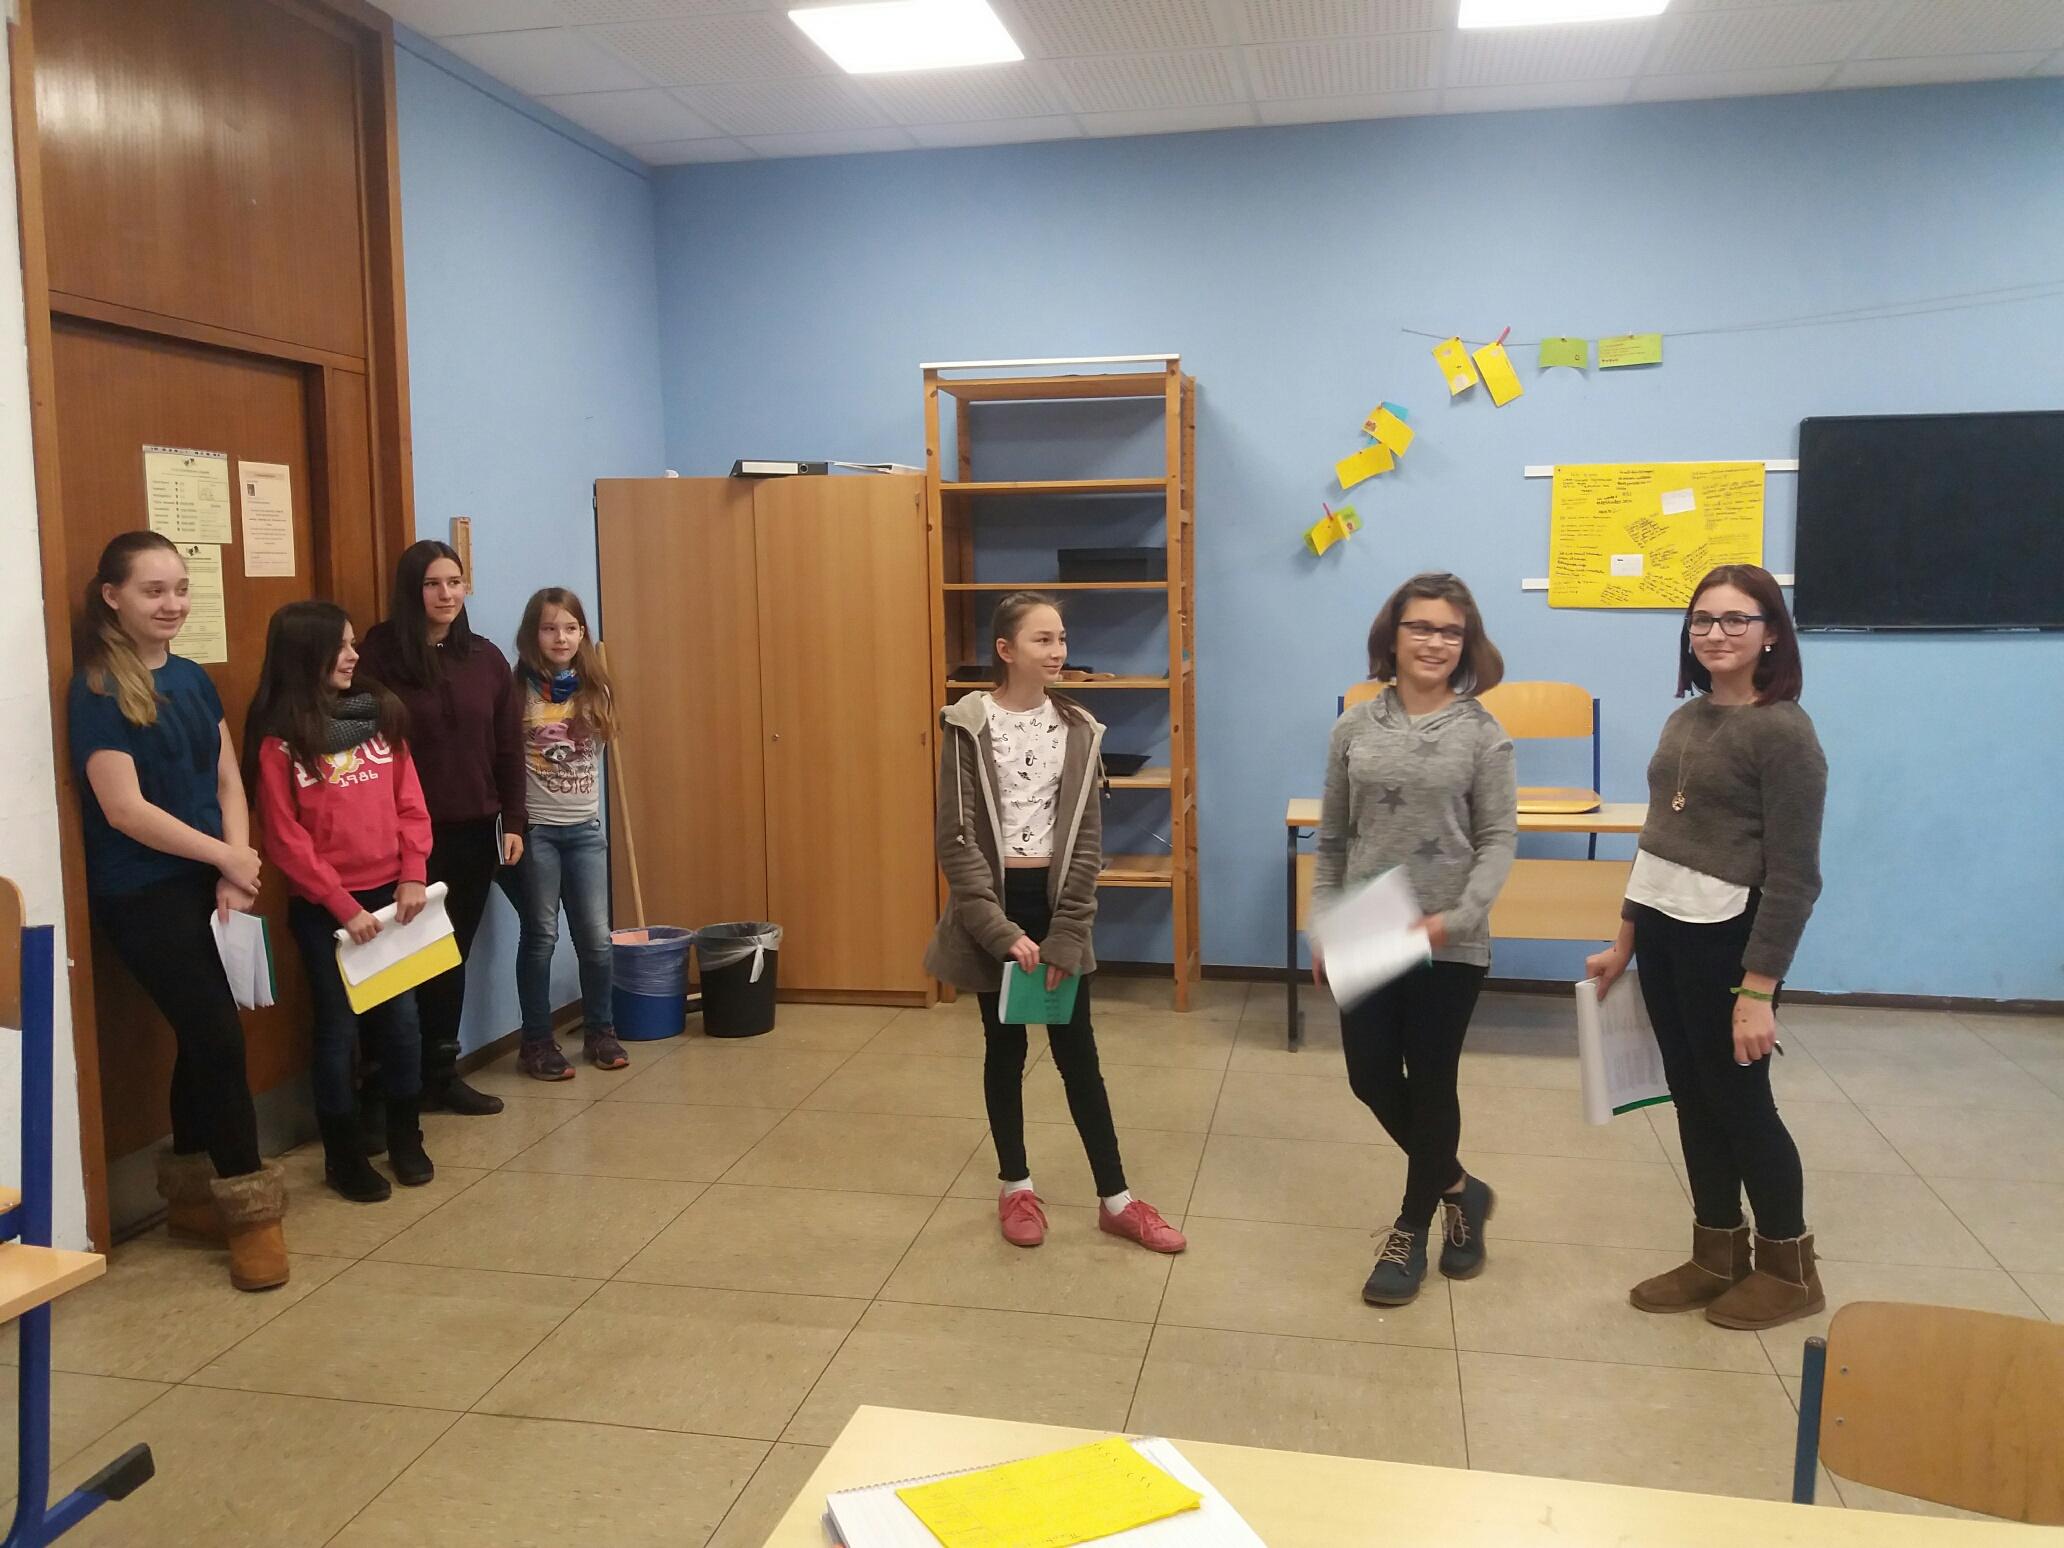 Vorhang auf! – Unsere Schule macht Theater